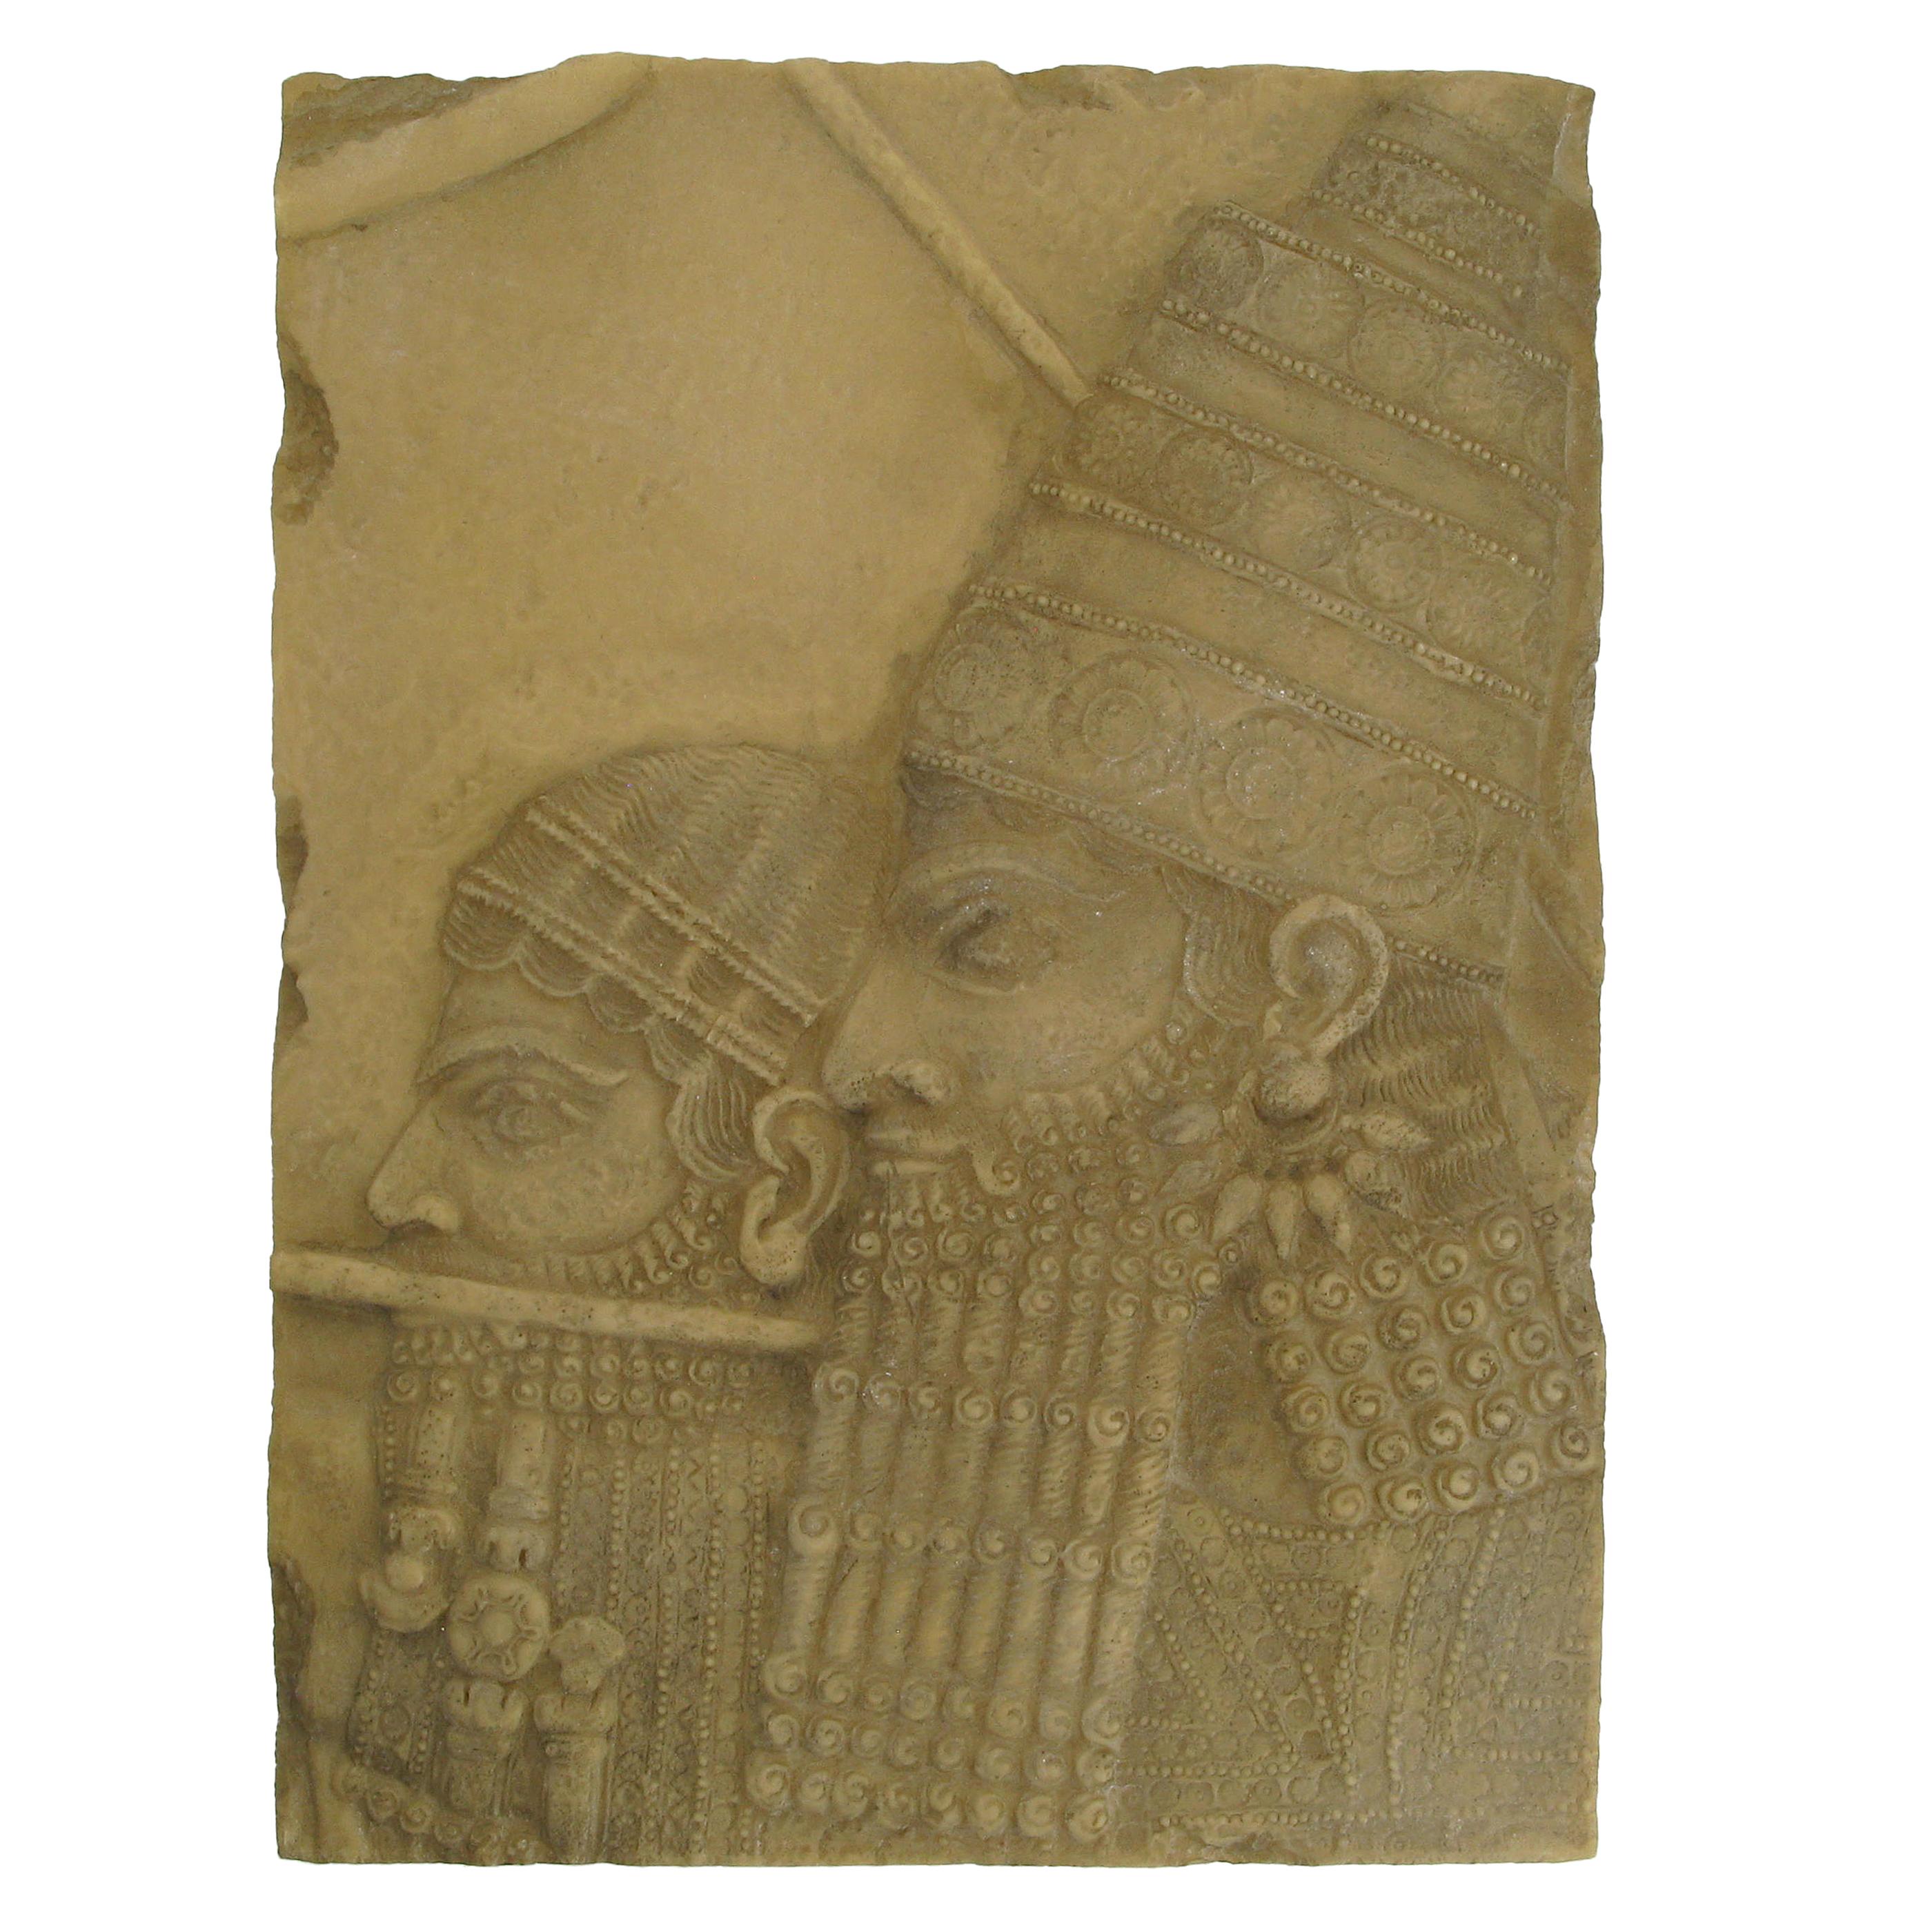 King Ashurbanipal plaque